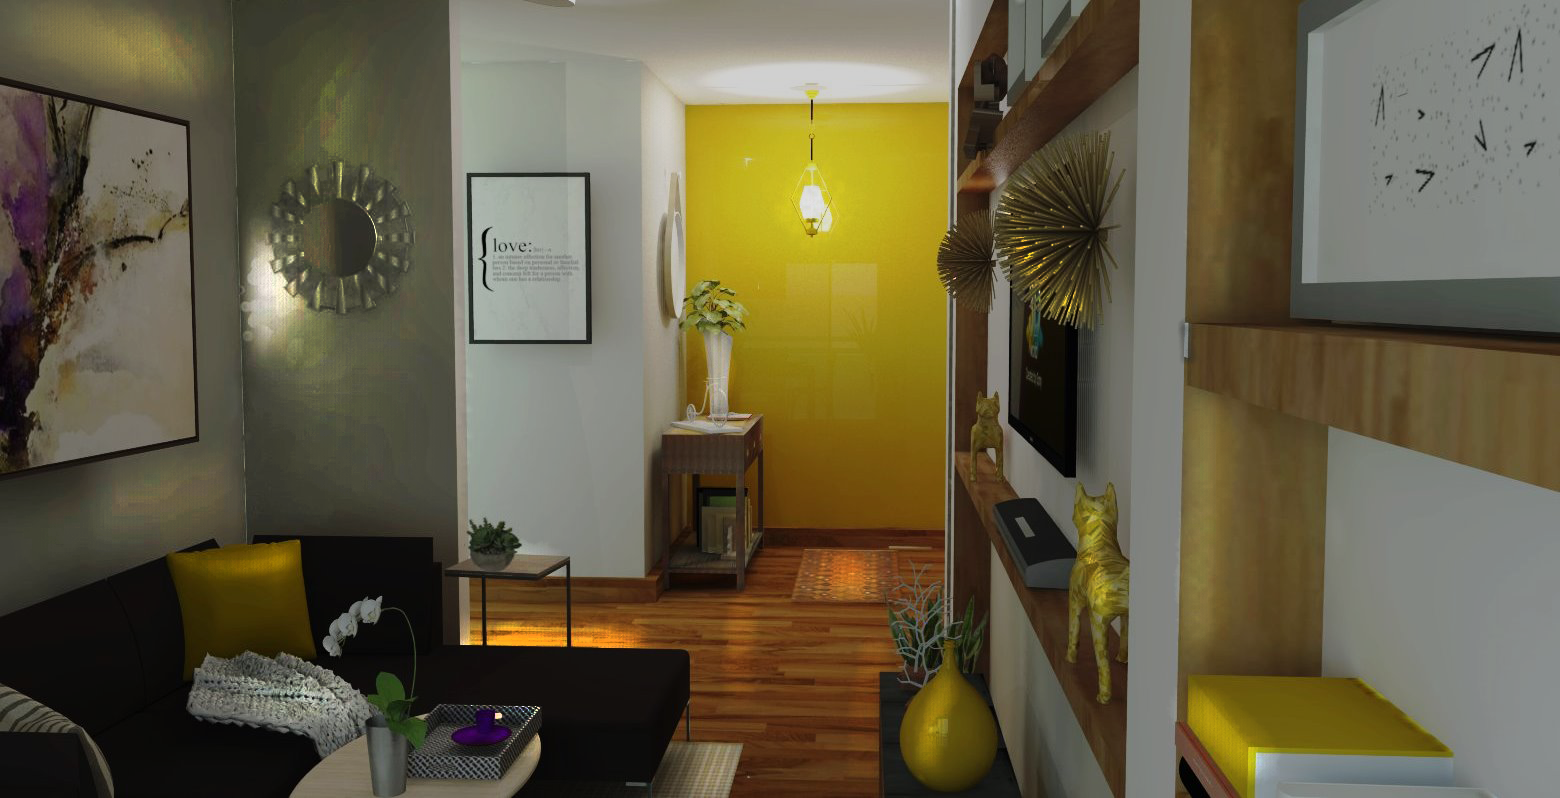 skvisualization&design-small-condo -apartment.png